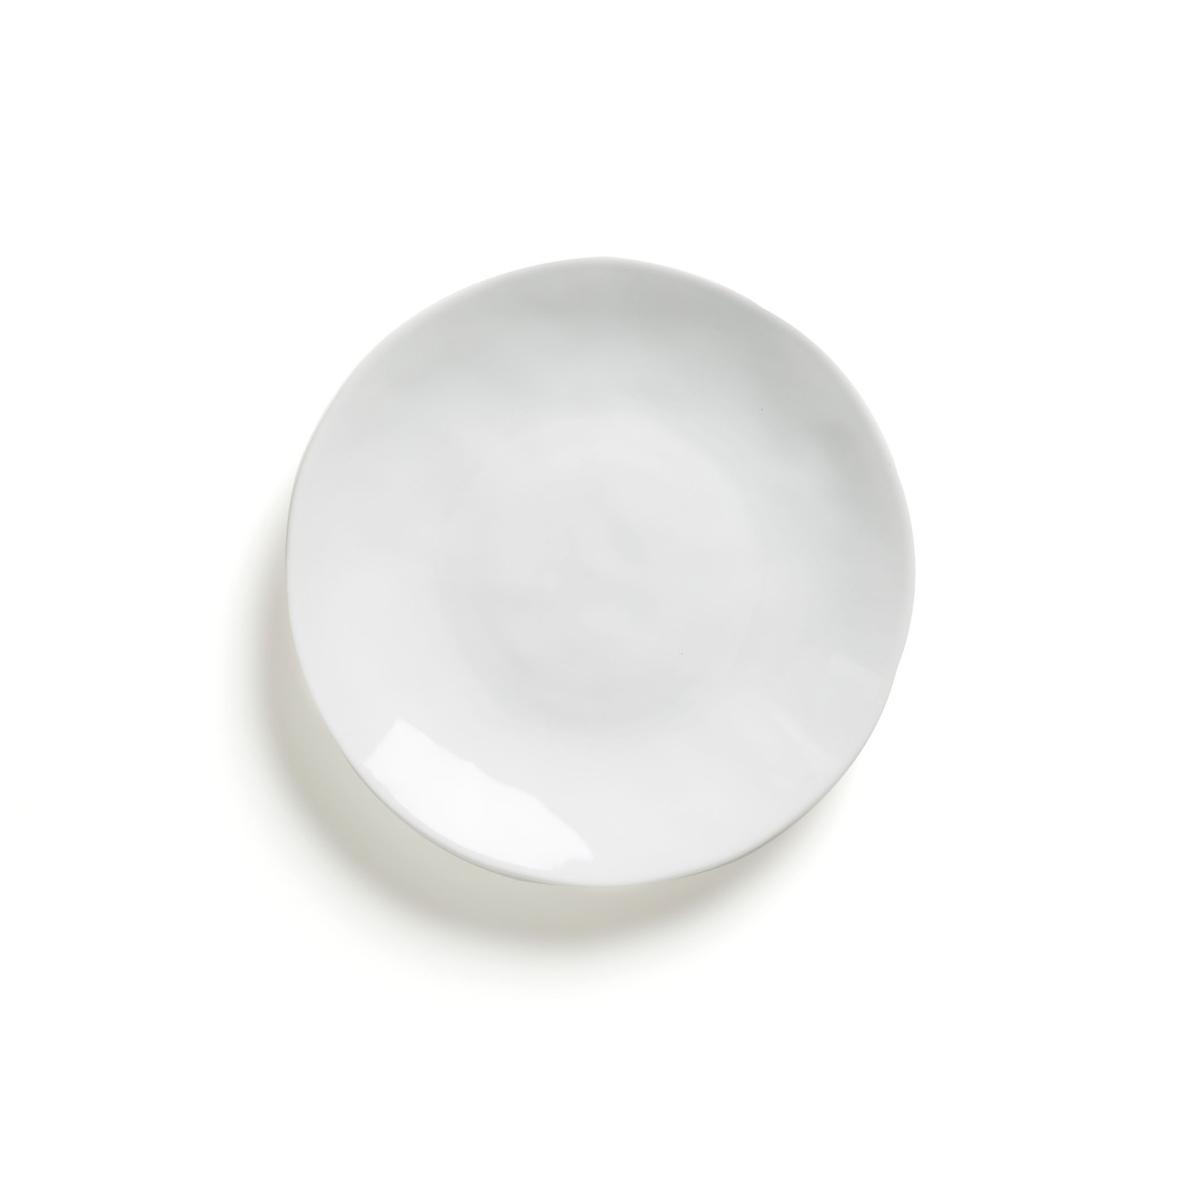 Фото - Комплект из 4 десертных тарелок LaRedoute Из керамики Kilmia единый размер белый кеды laredoute из кожи на липучках 2639 33 белый